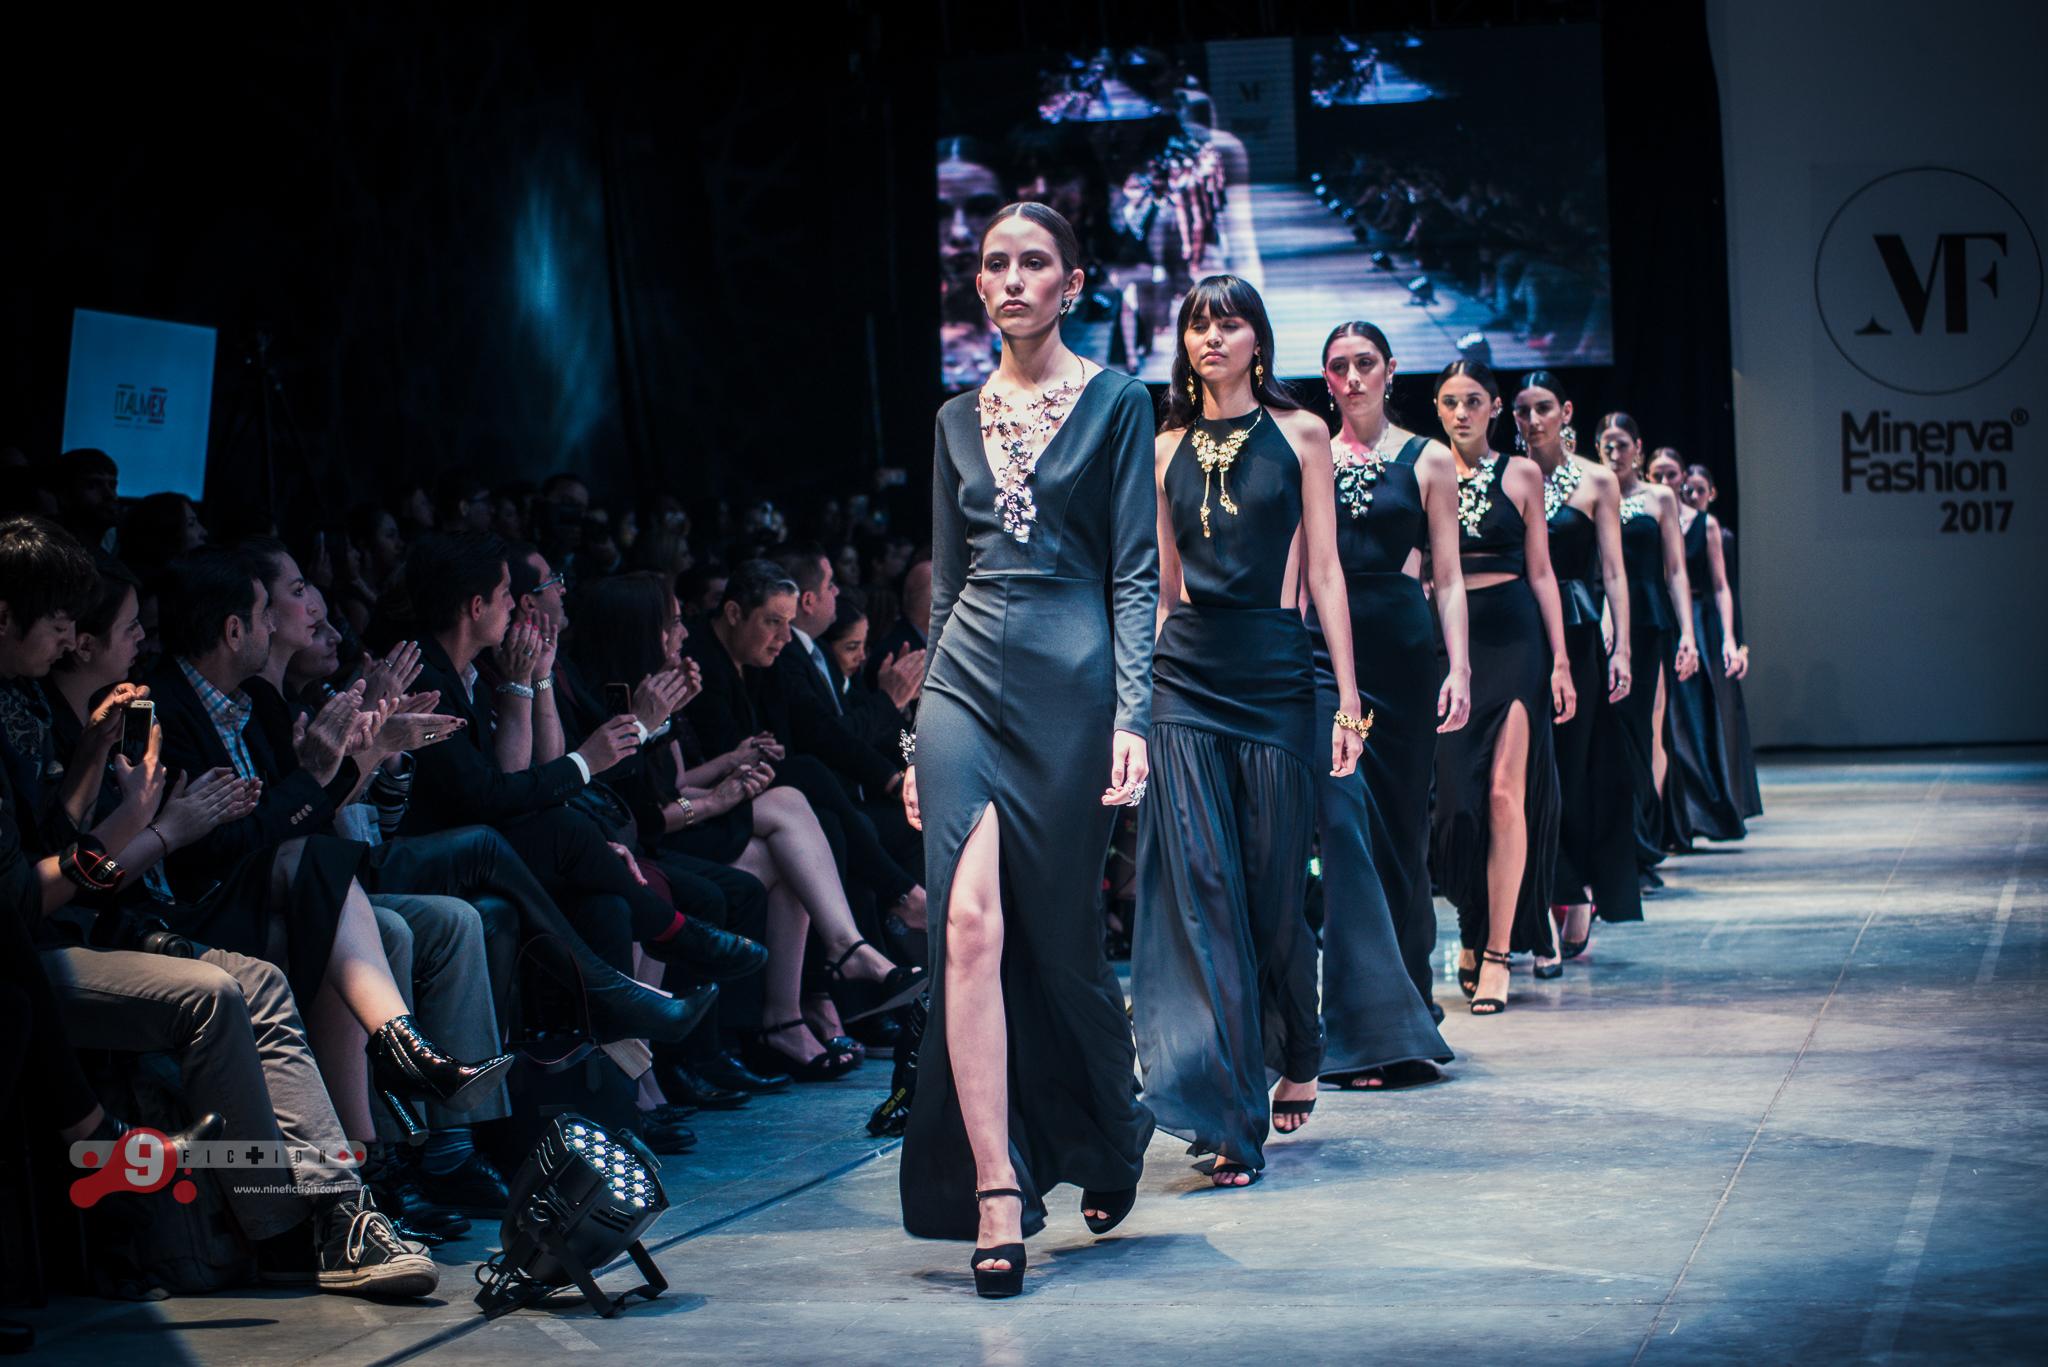 Minerva Fashion 2017 - Desfilia - 031017 - Nine Fiction - Foto - Carlos Rojo -42